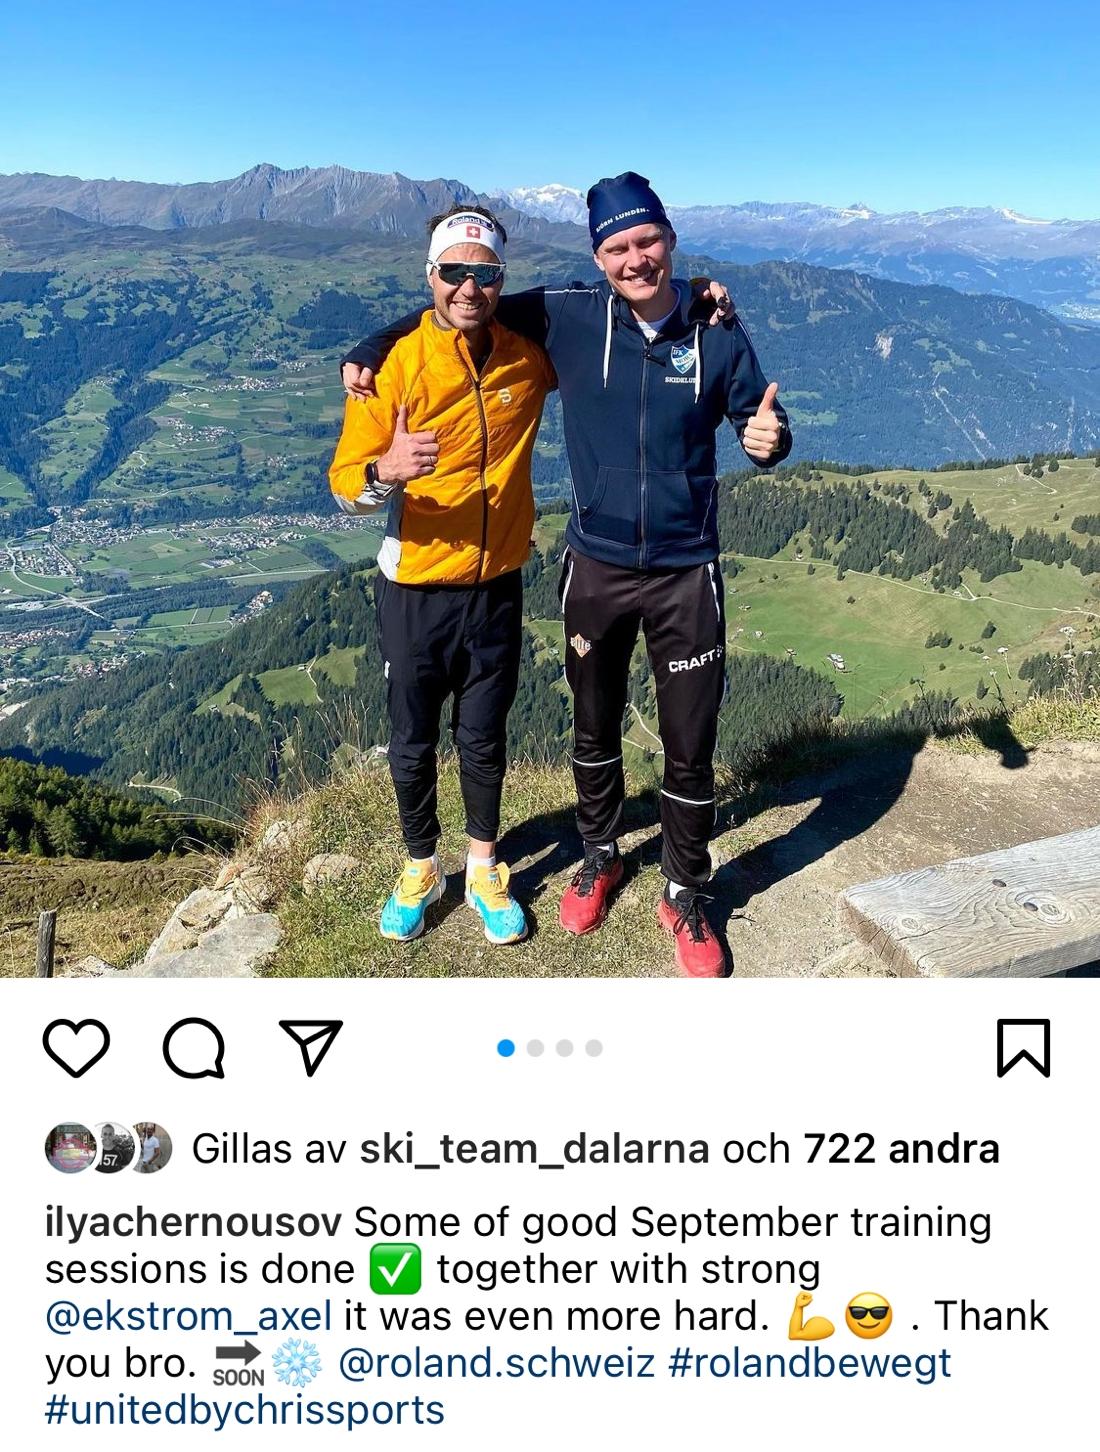 Iiya Chernousov tackar Axel Ekström för bra träningssparring på sitt Instgram-konto.